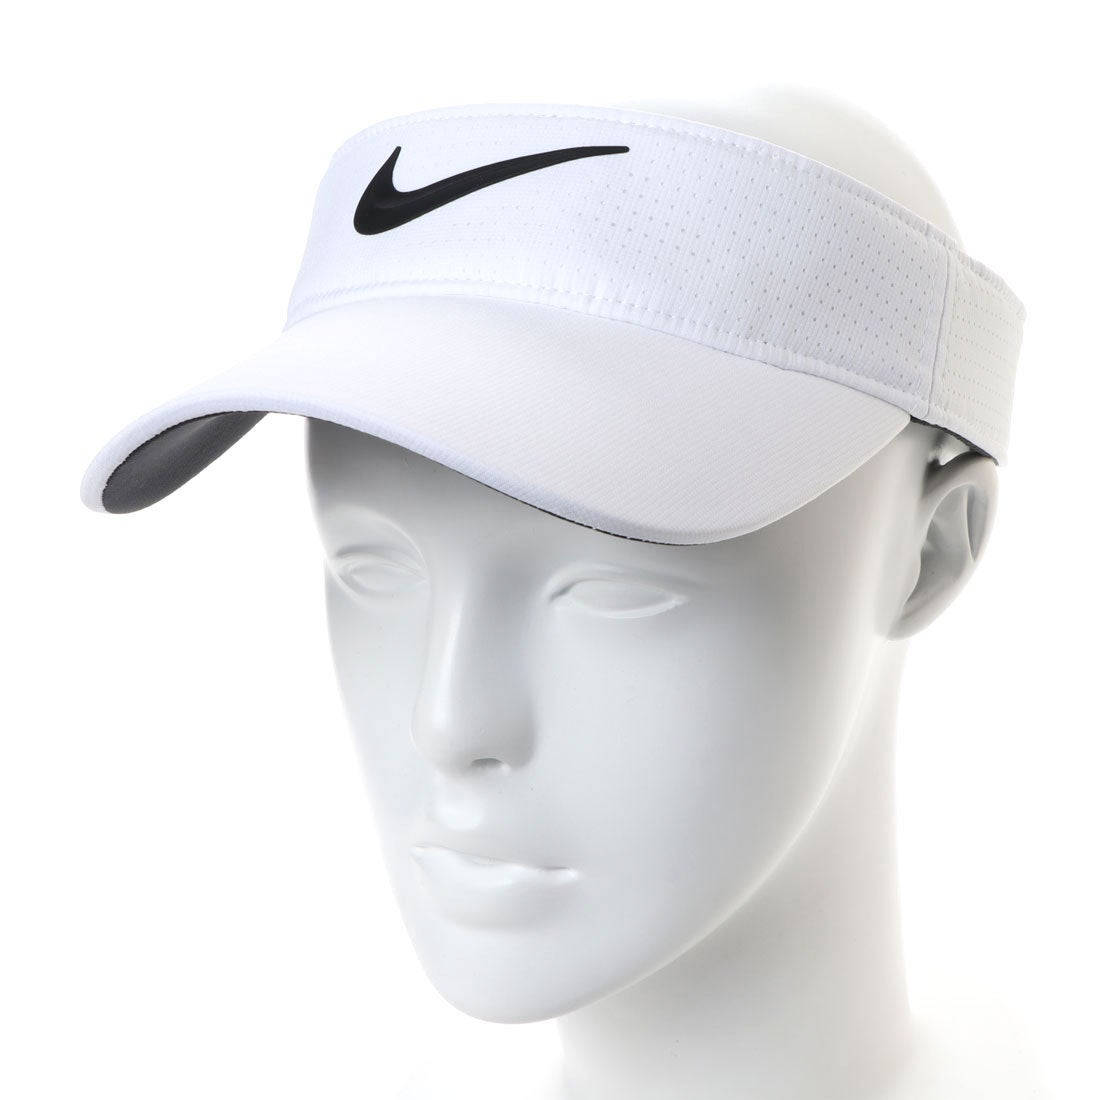 ナイキゴルフ NIKE GOLF レディース ゴルフ サンバイザー Ws エアロビル バイザー 892740 レディース